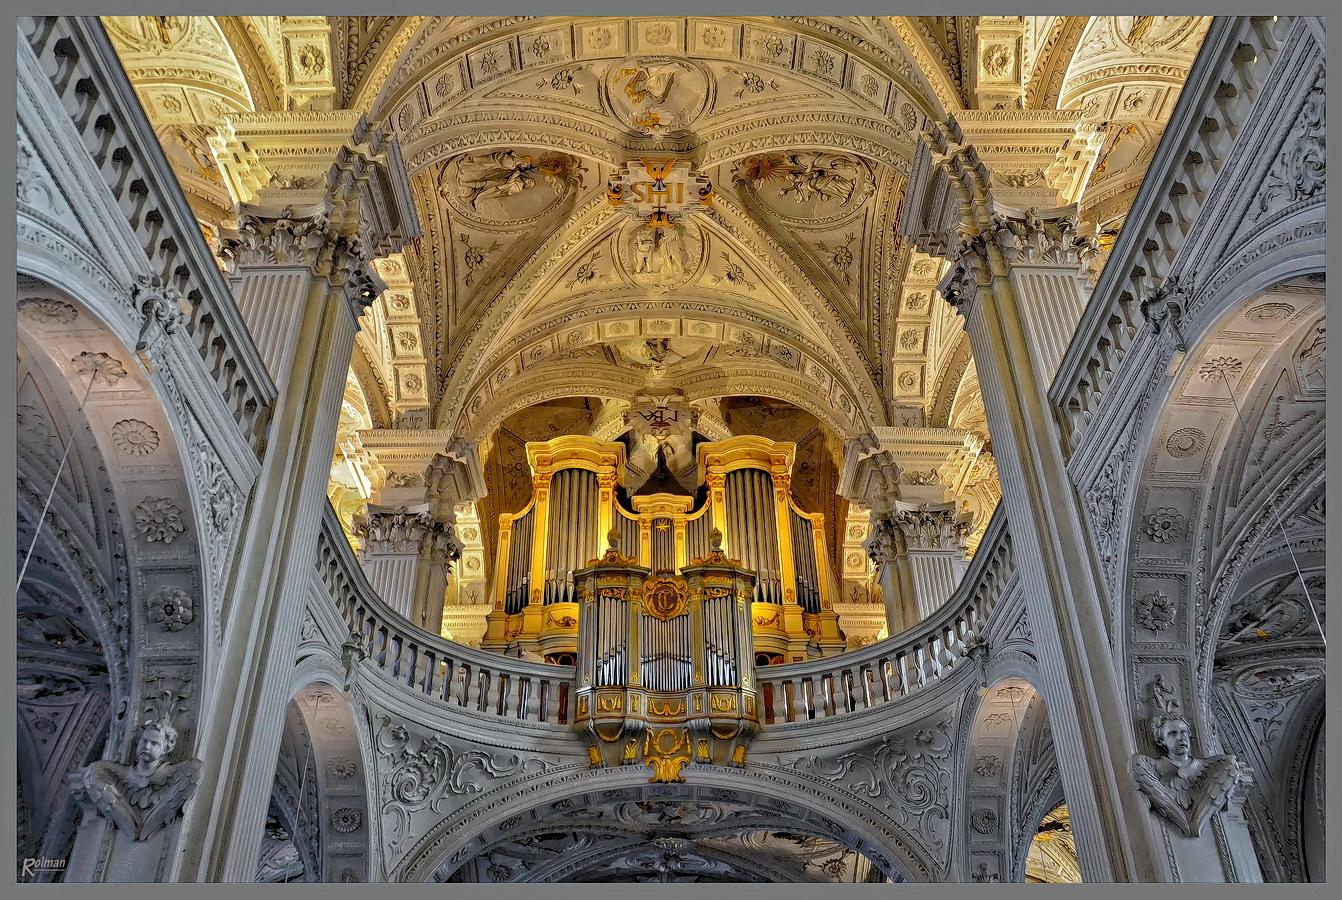 Die Beckerath Orgel (Reload)